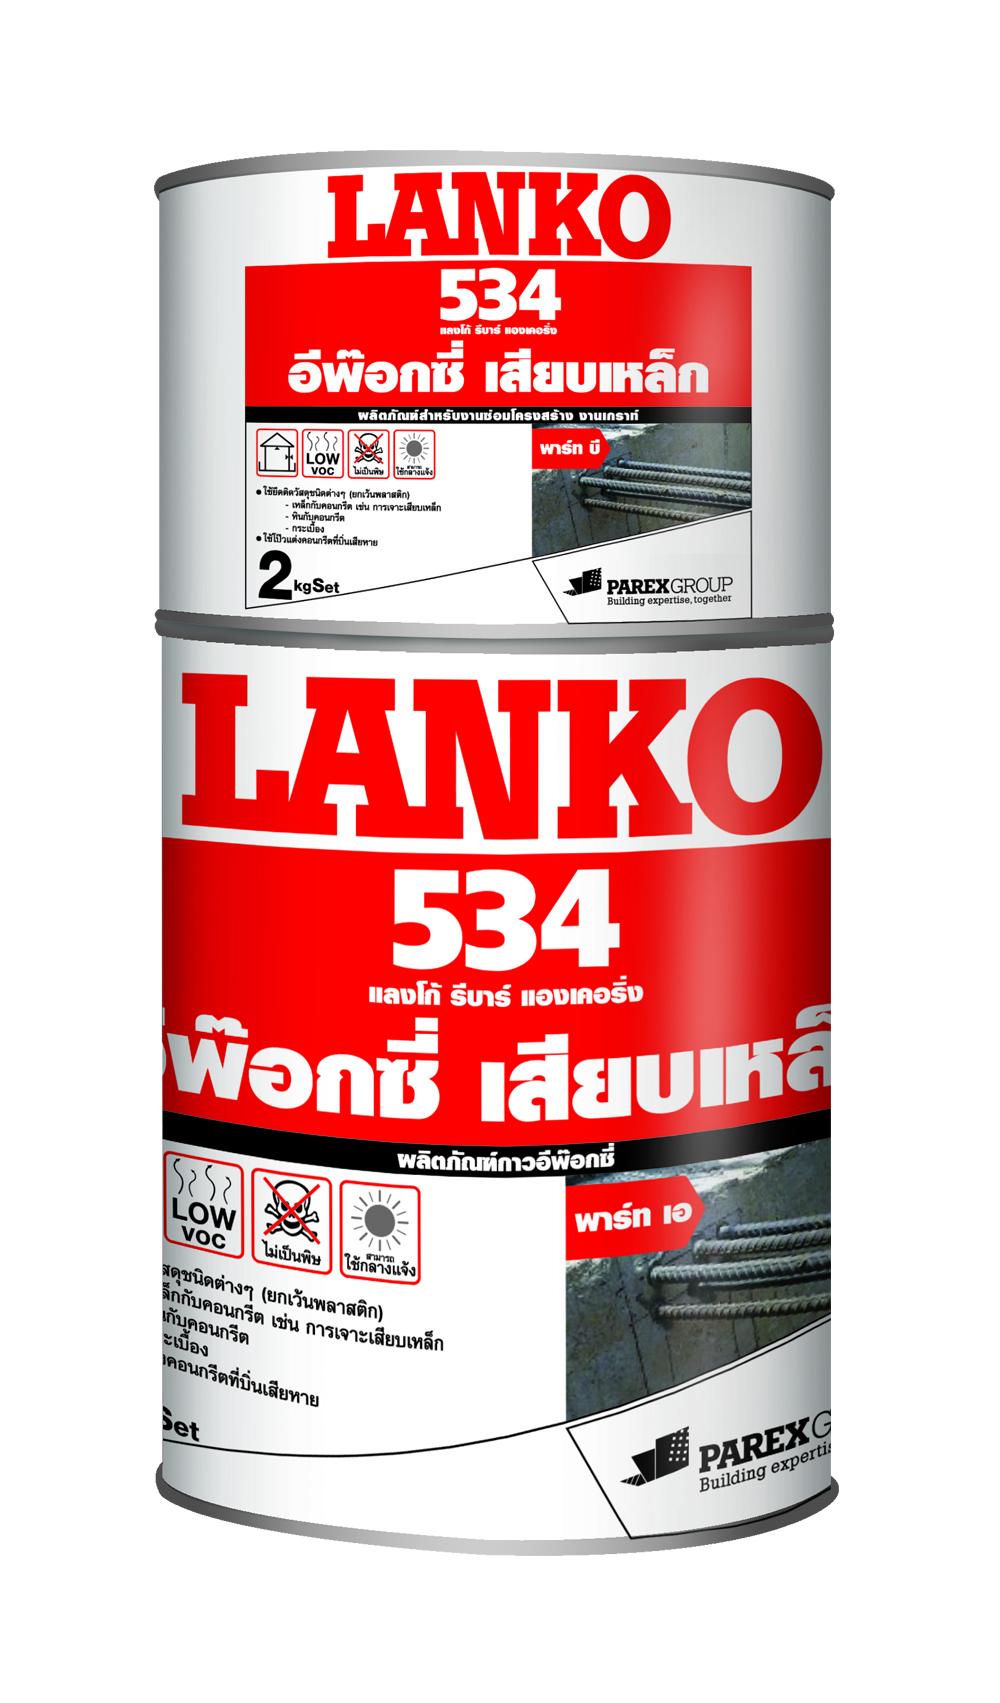 Lanko 534 Rebar Anchoring, 2 kg/set (A+B)